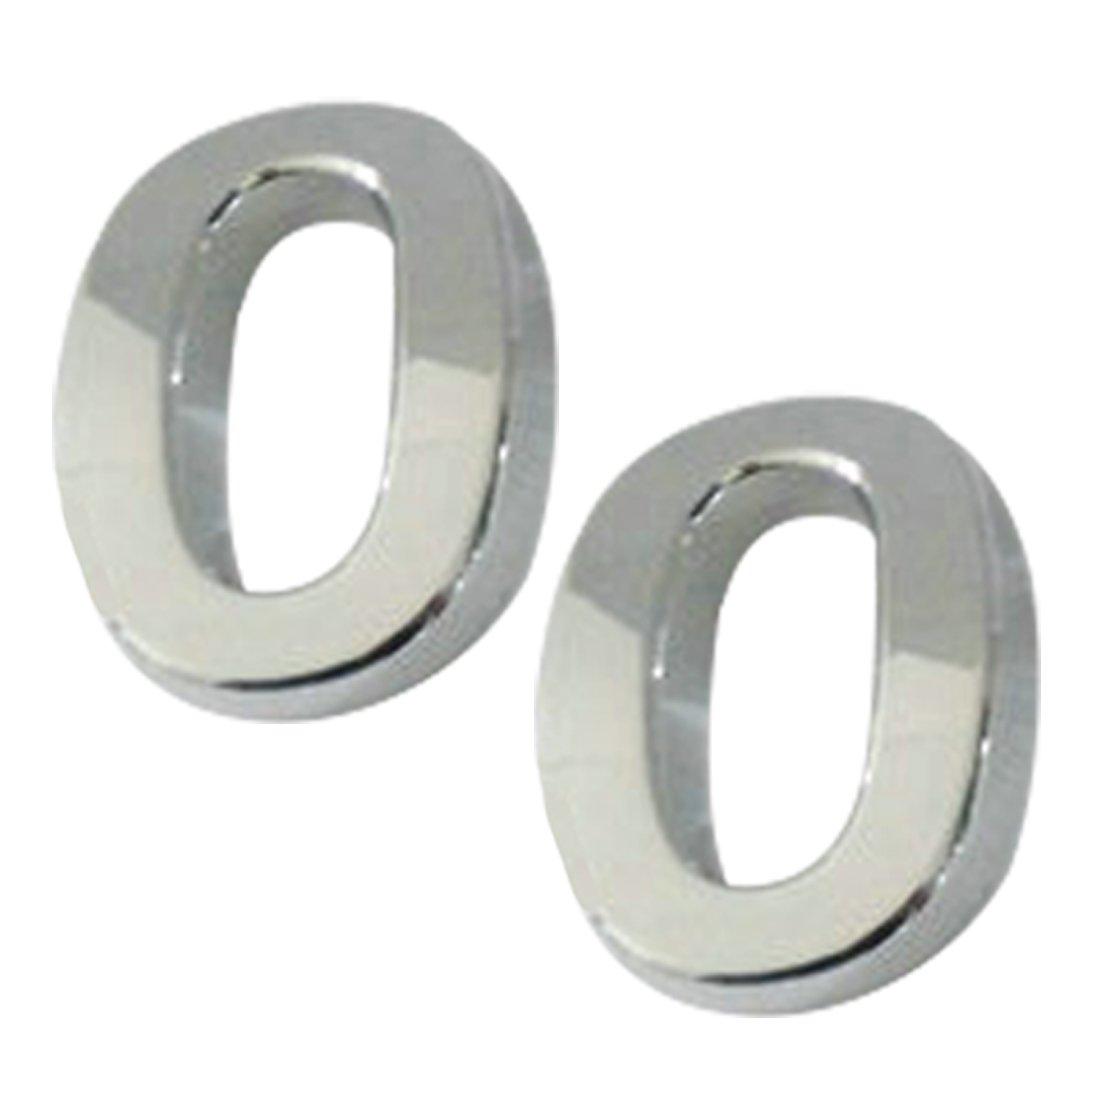 adresse voiture Plaque autocollante en chrome plaqu/é num/éro 0 chiffres compatible pour num/éro de porte